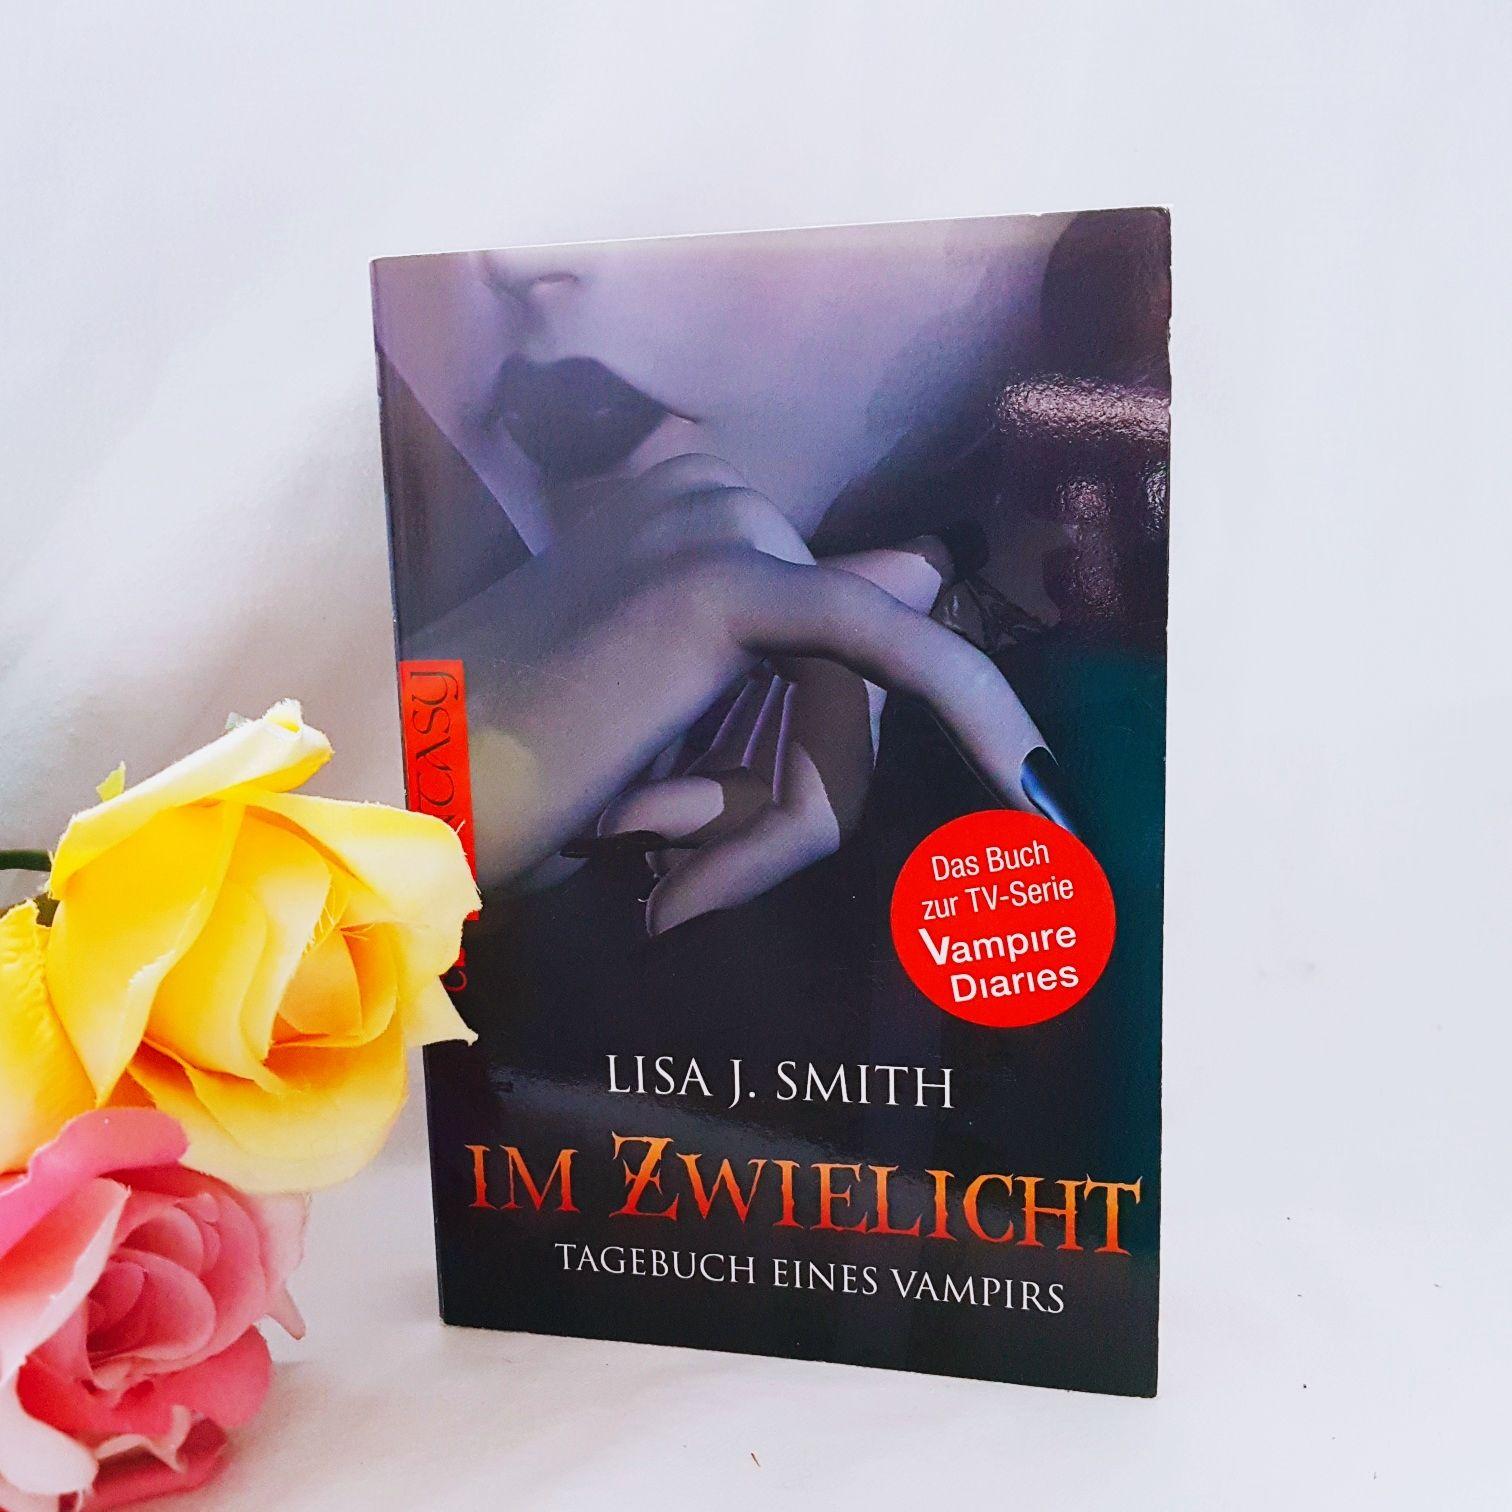 Tagebuch eines Vampirs 01. Im Zwielicht von Lisa J. Smith